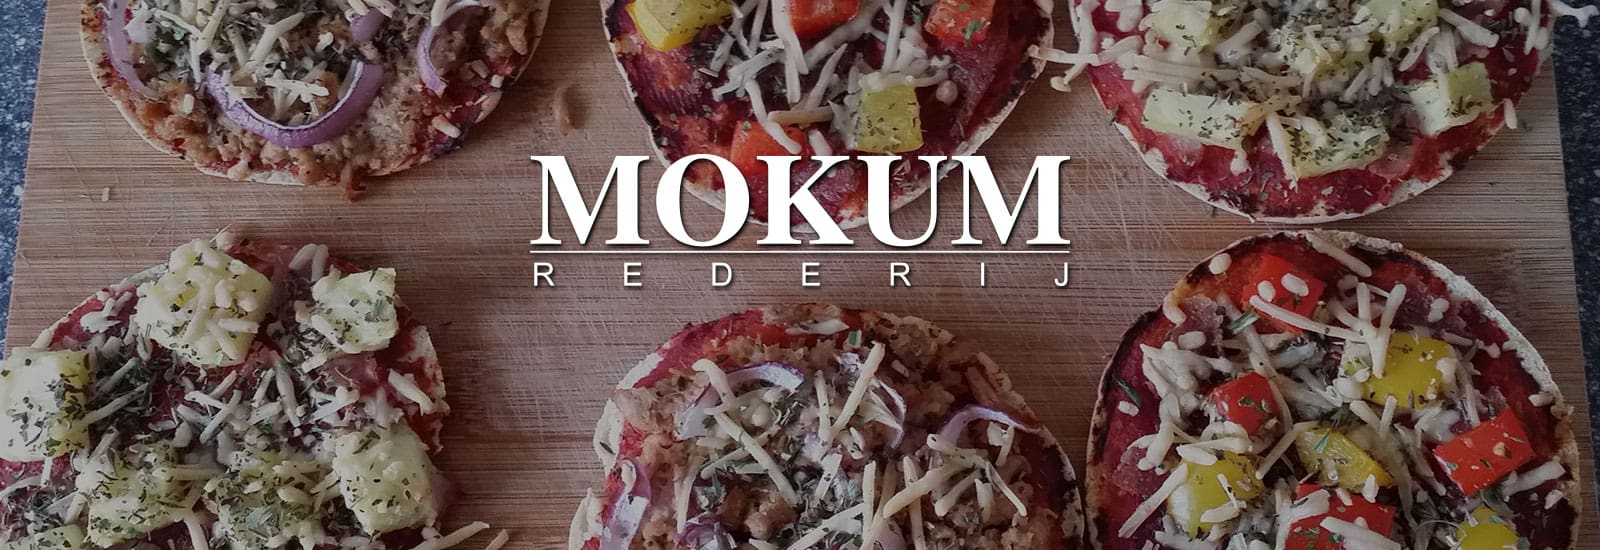 Pizza en rode wijn  - Boot huren Amsterdam